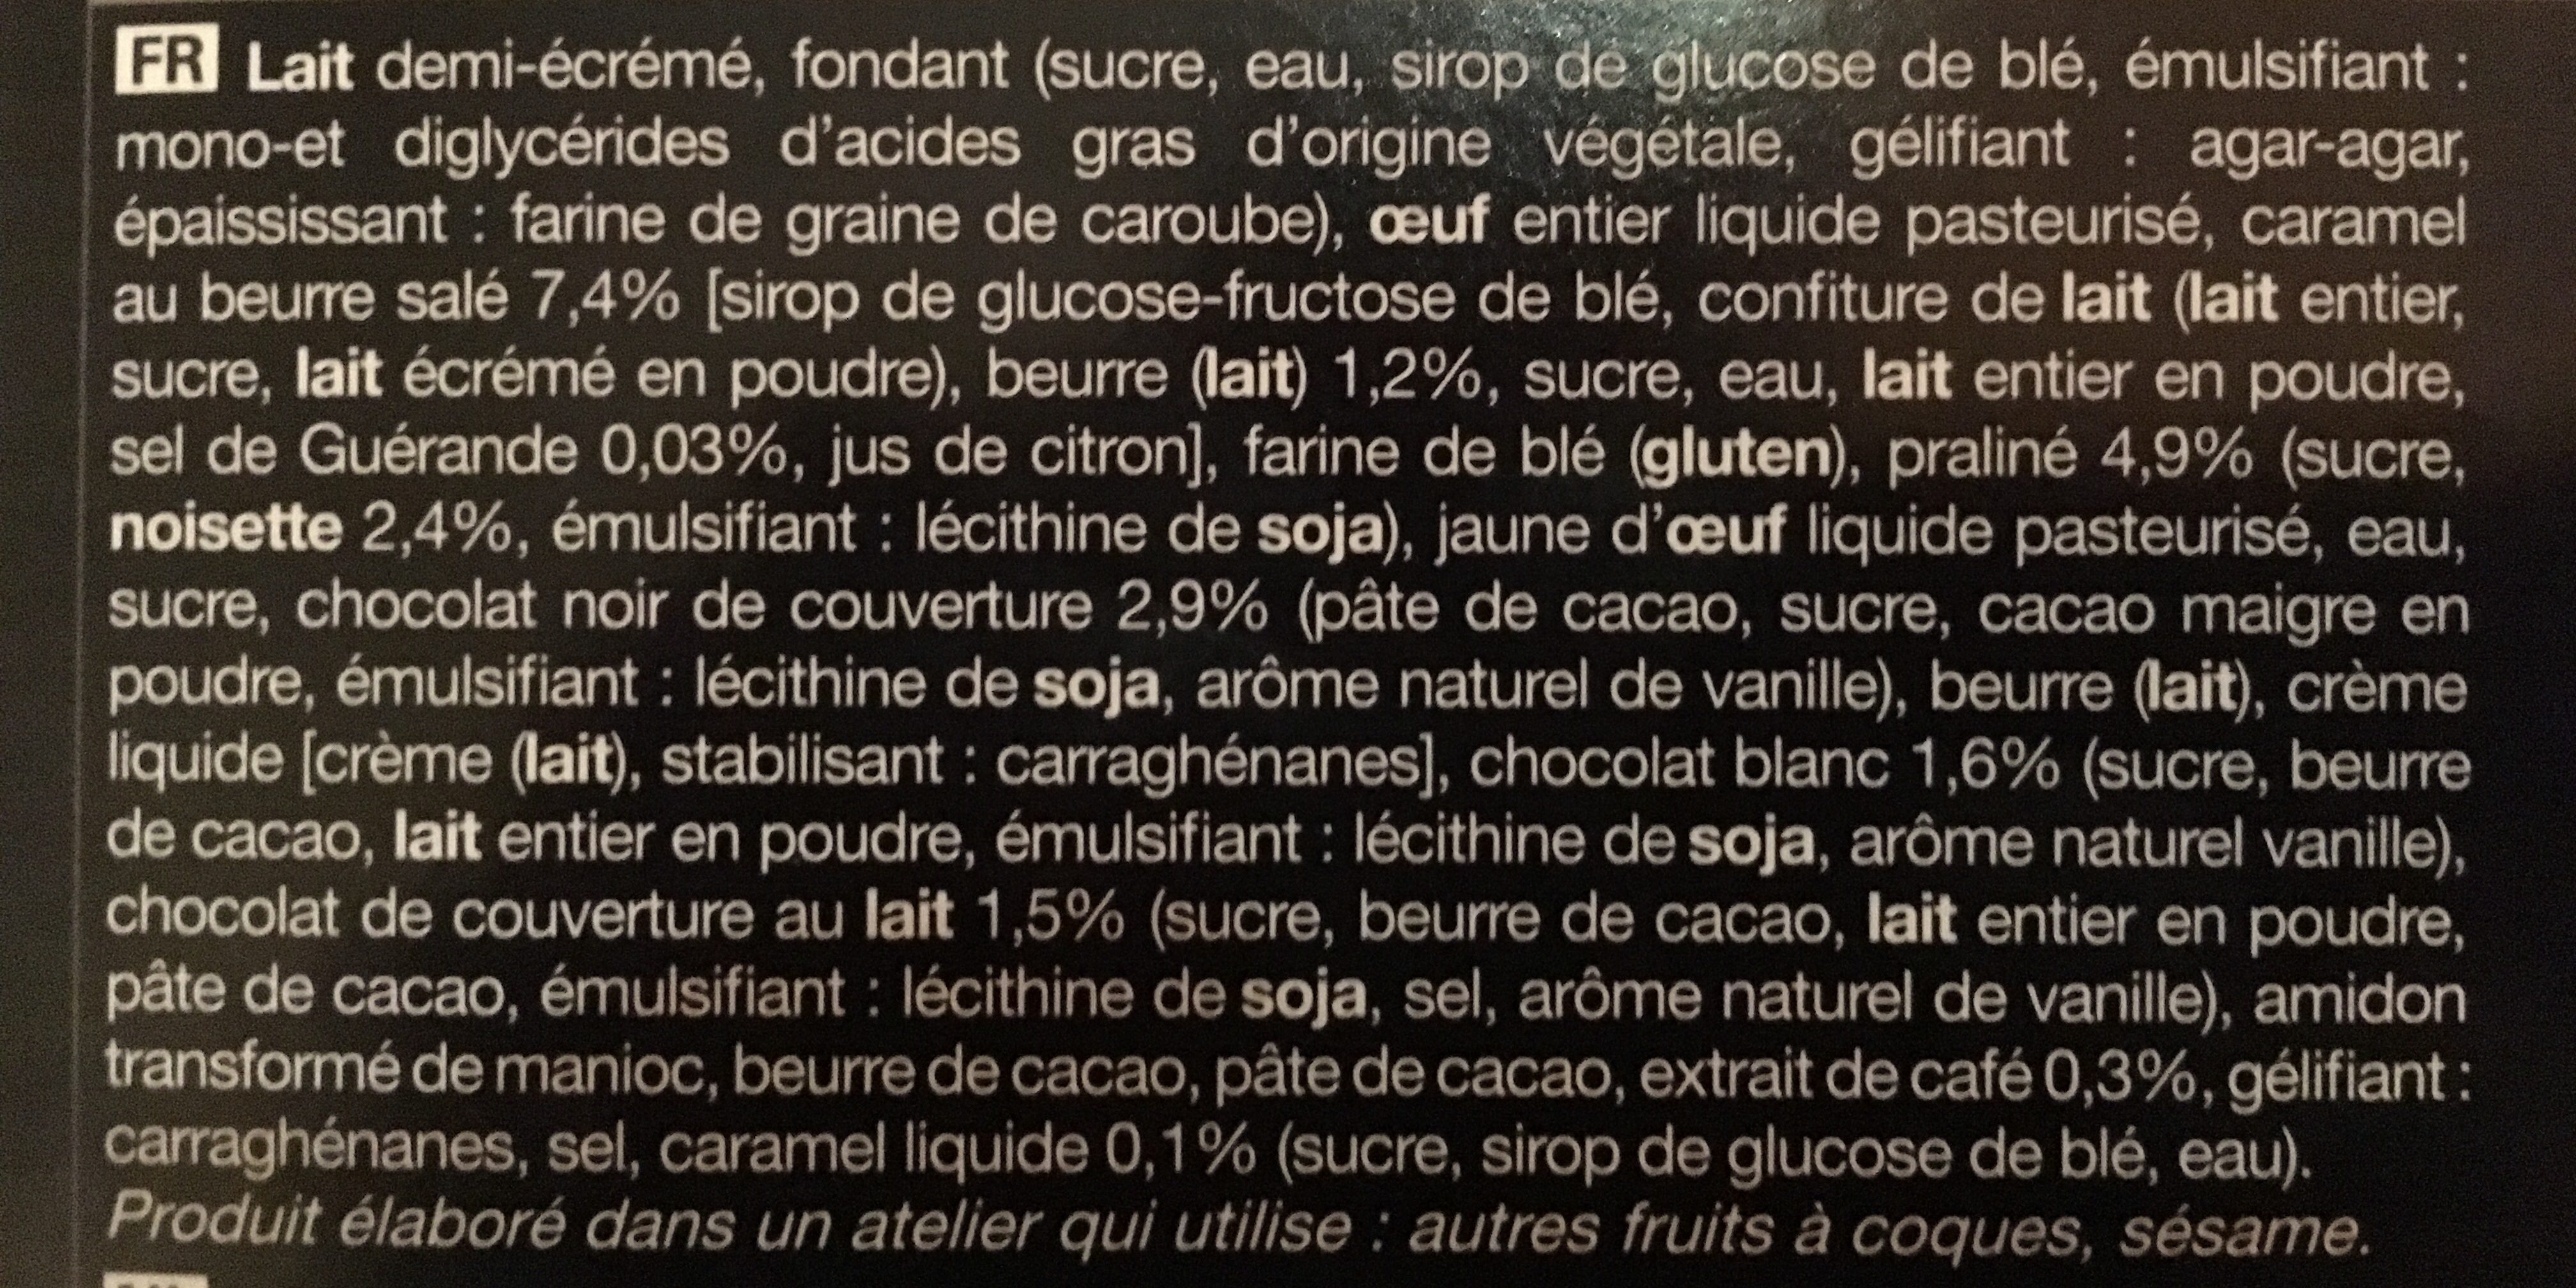 12 Mini-éclairs Praliné, Caramel Au Beurre Salé, Chocolat, Café - Ingredients